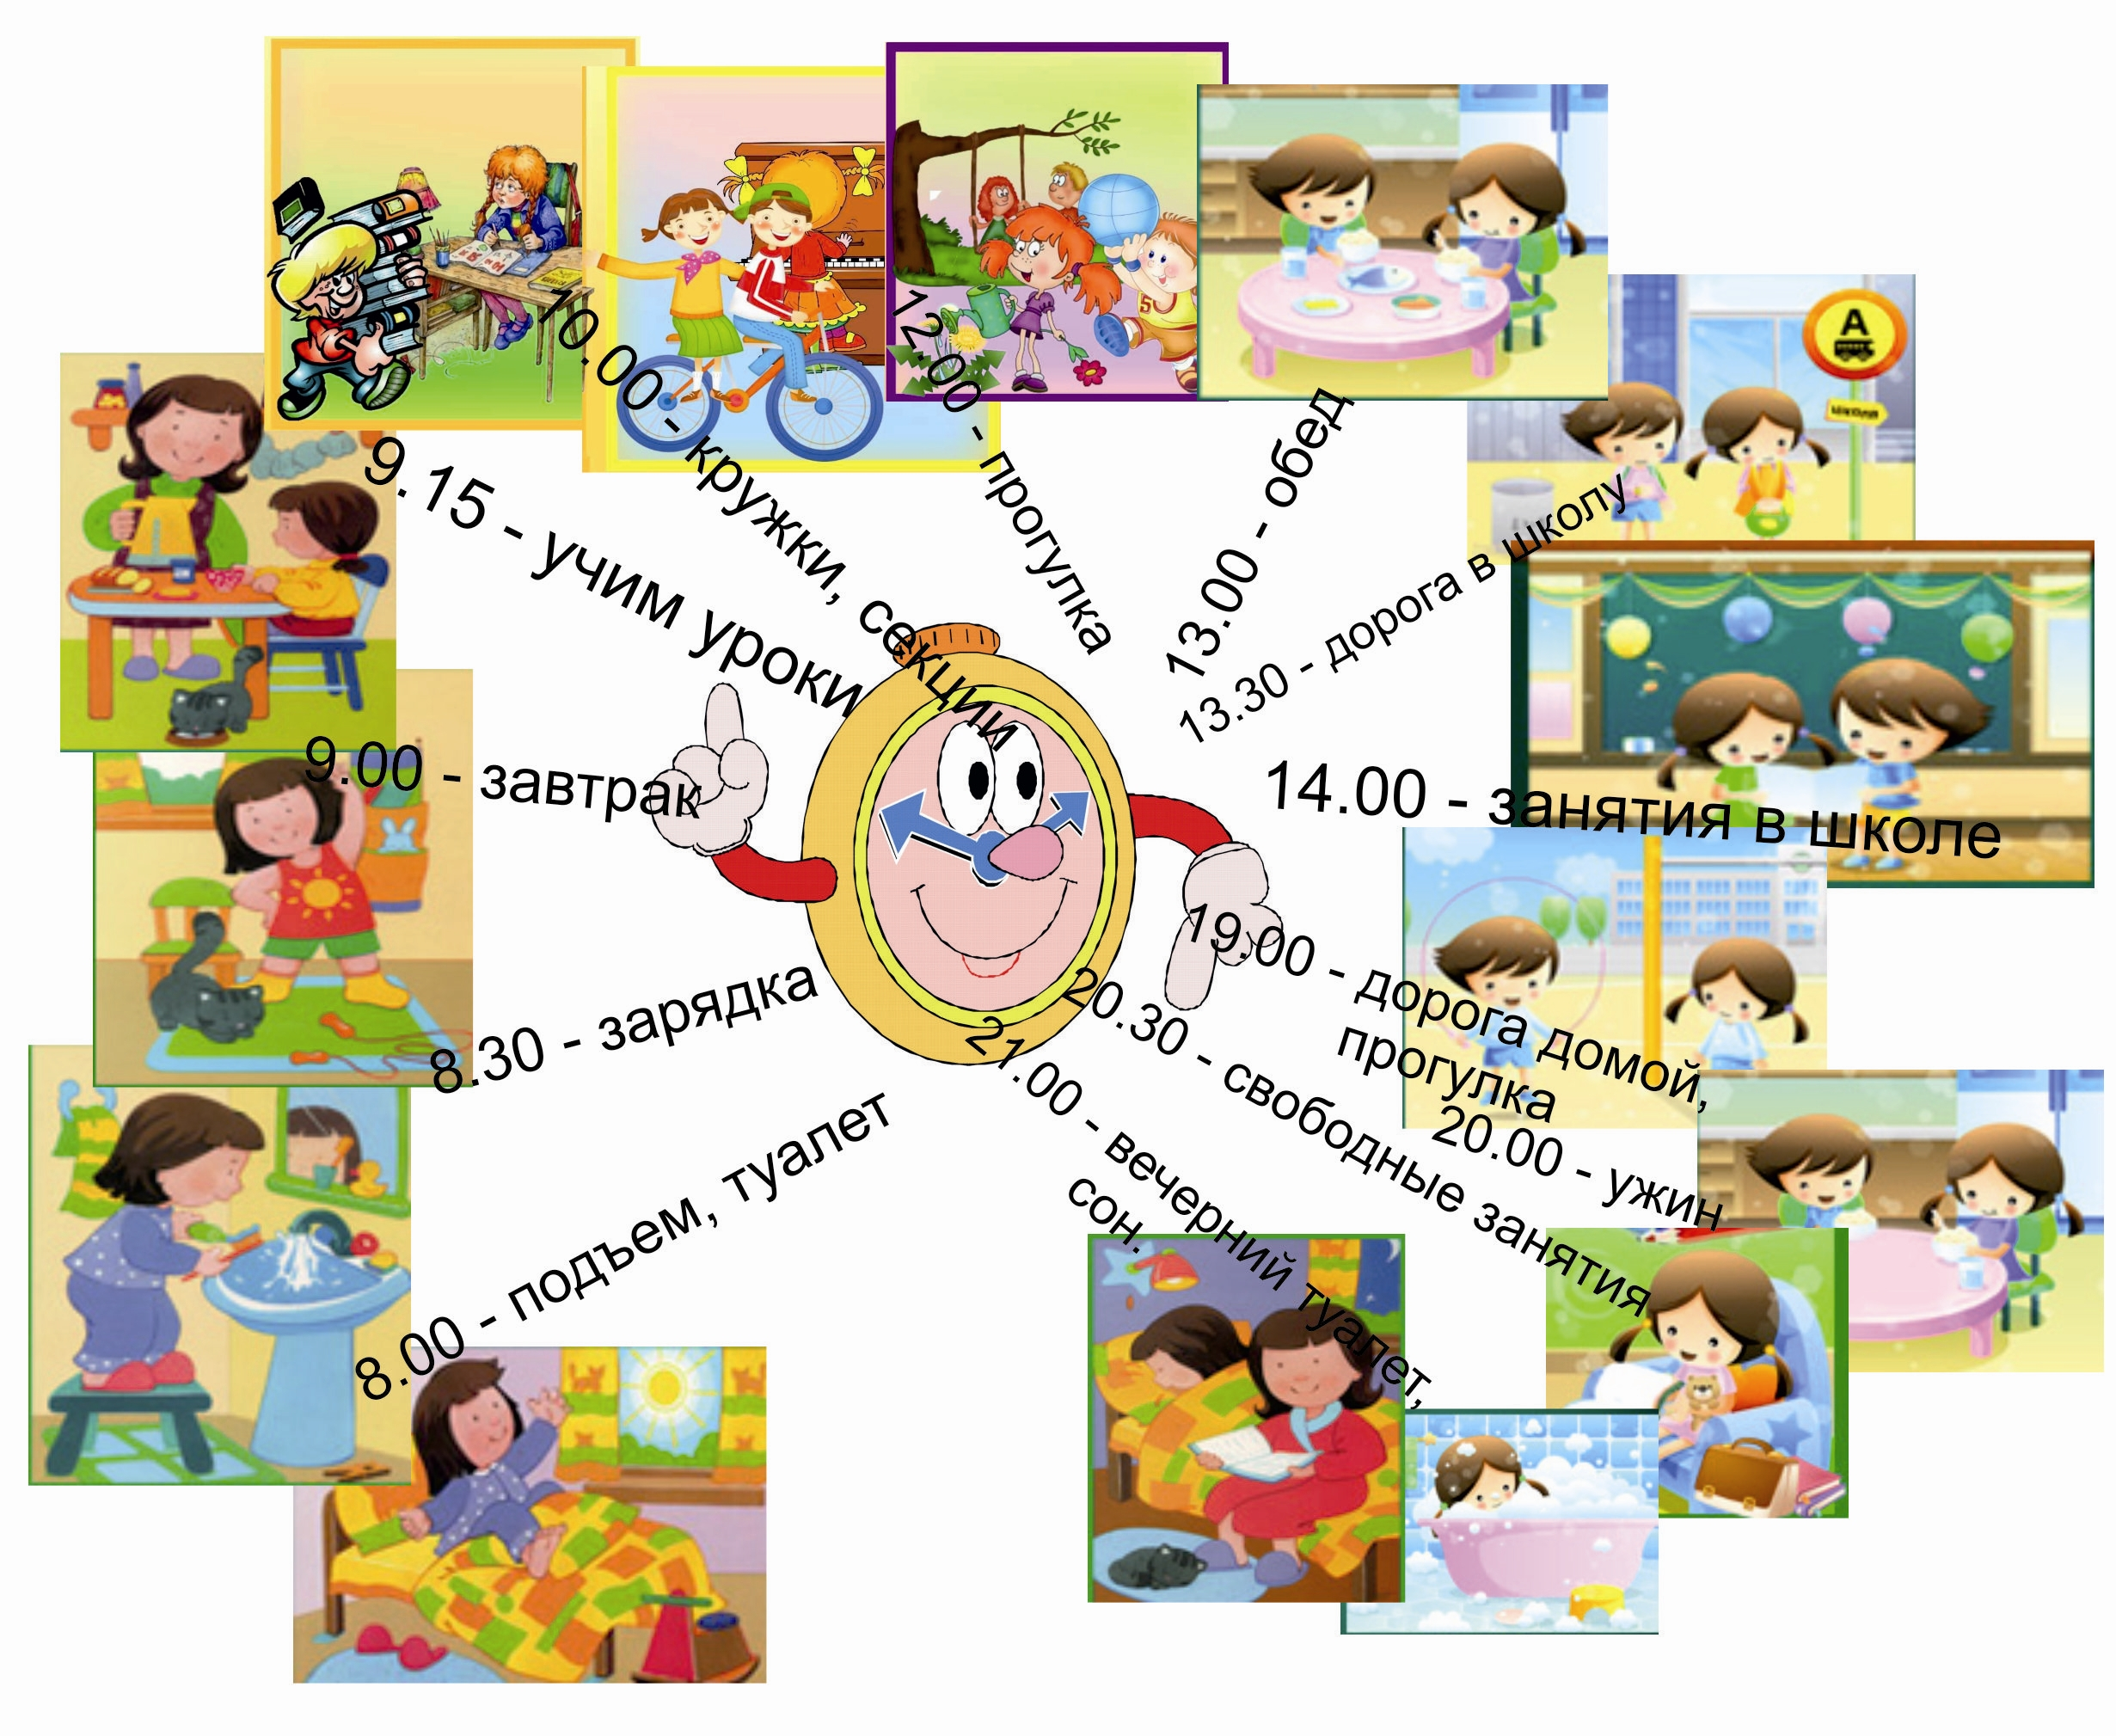 презентация здоровья детей в наших руках